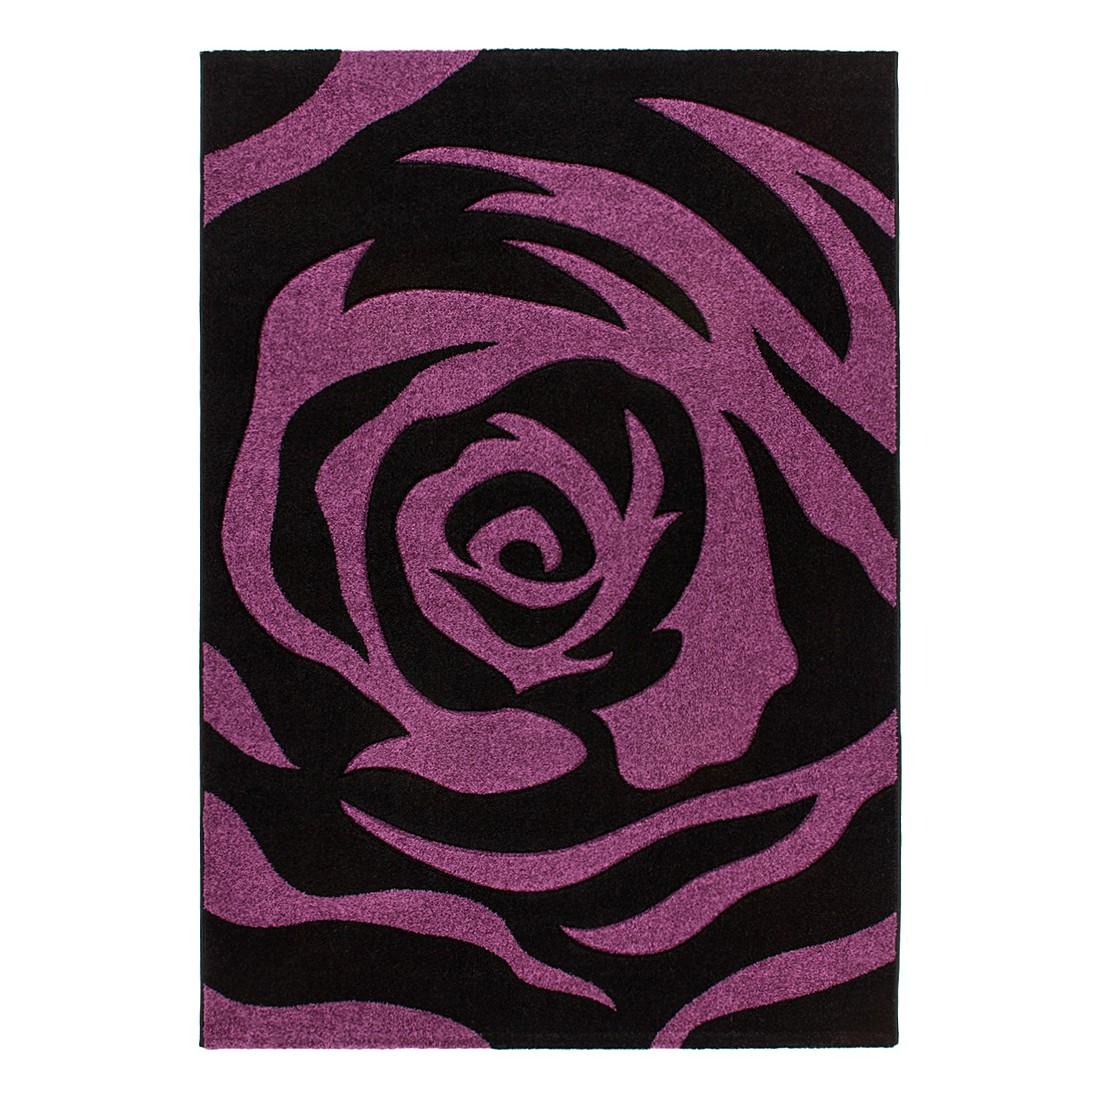 Teppich Netherlands – Tilburg – Violett/Schwarz – 120 x 170 cm, Kayoom bestellen